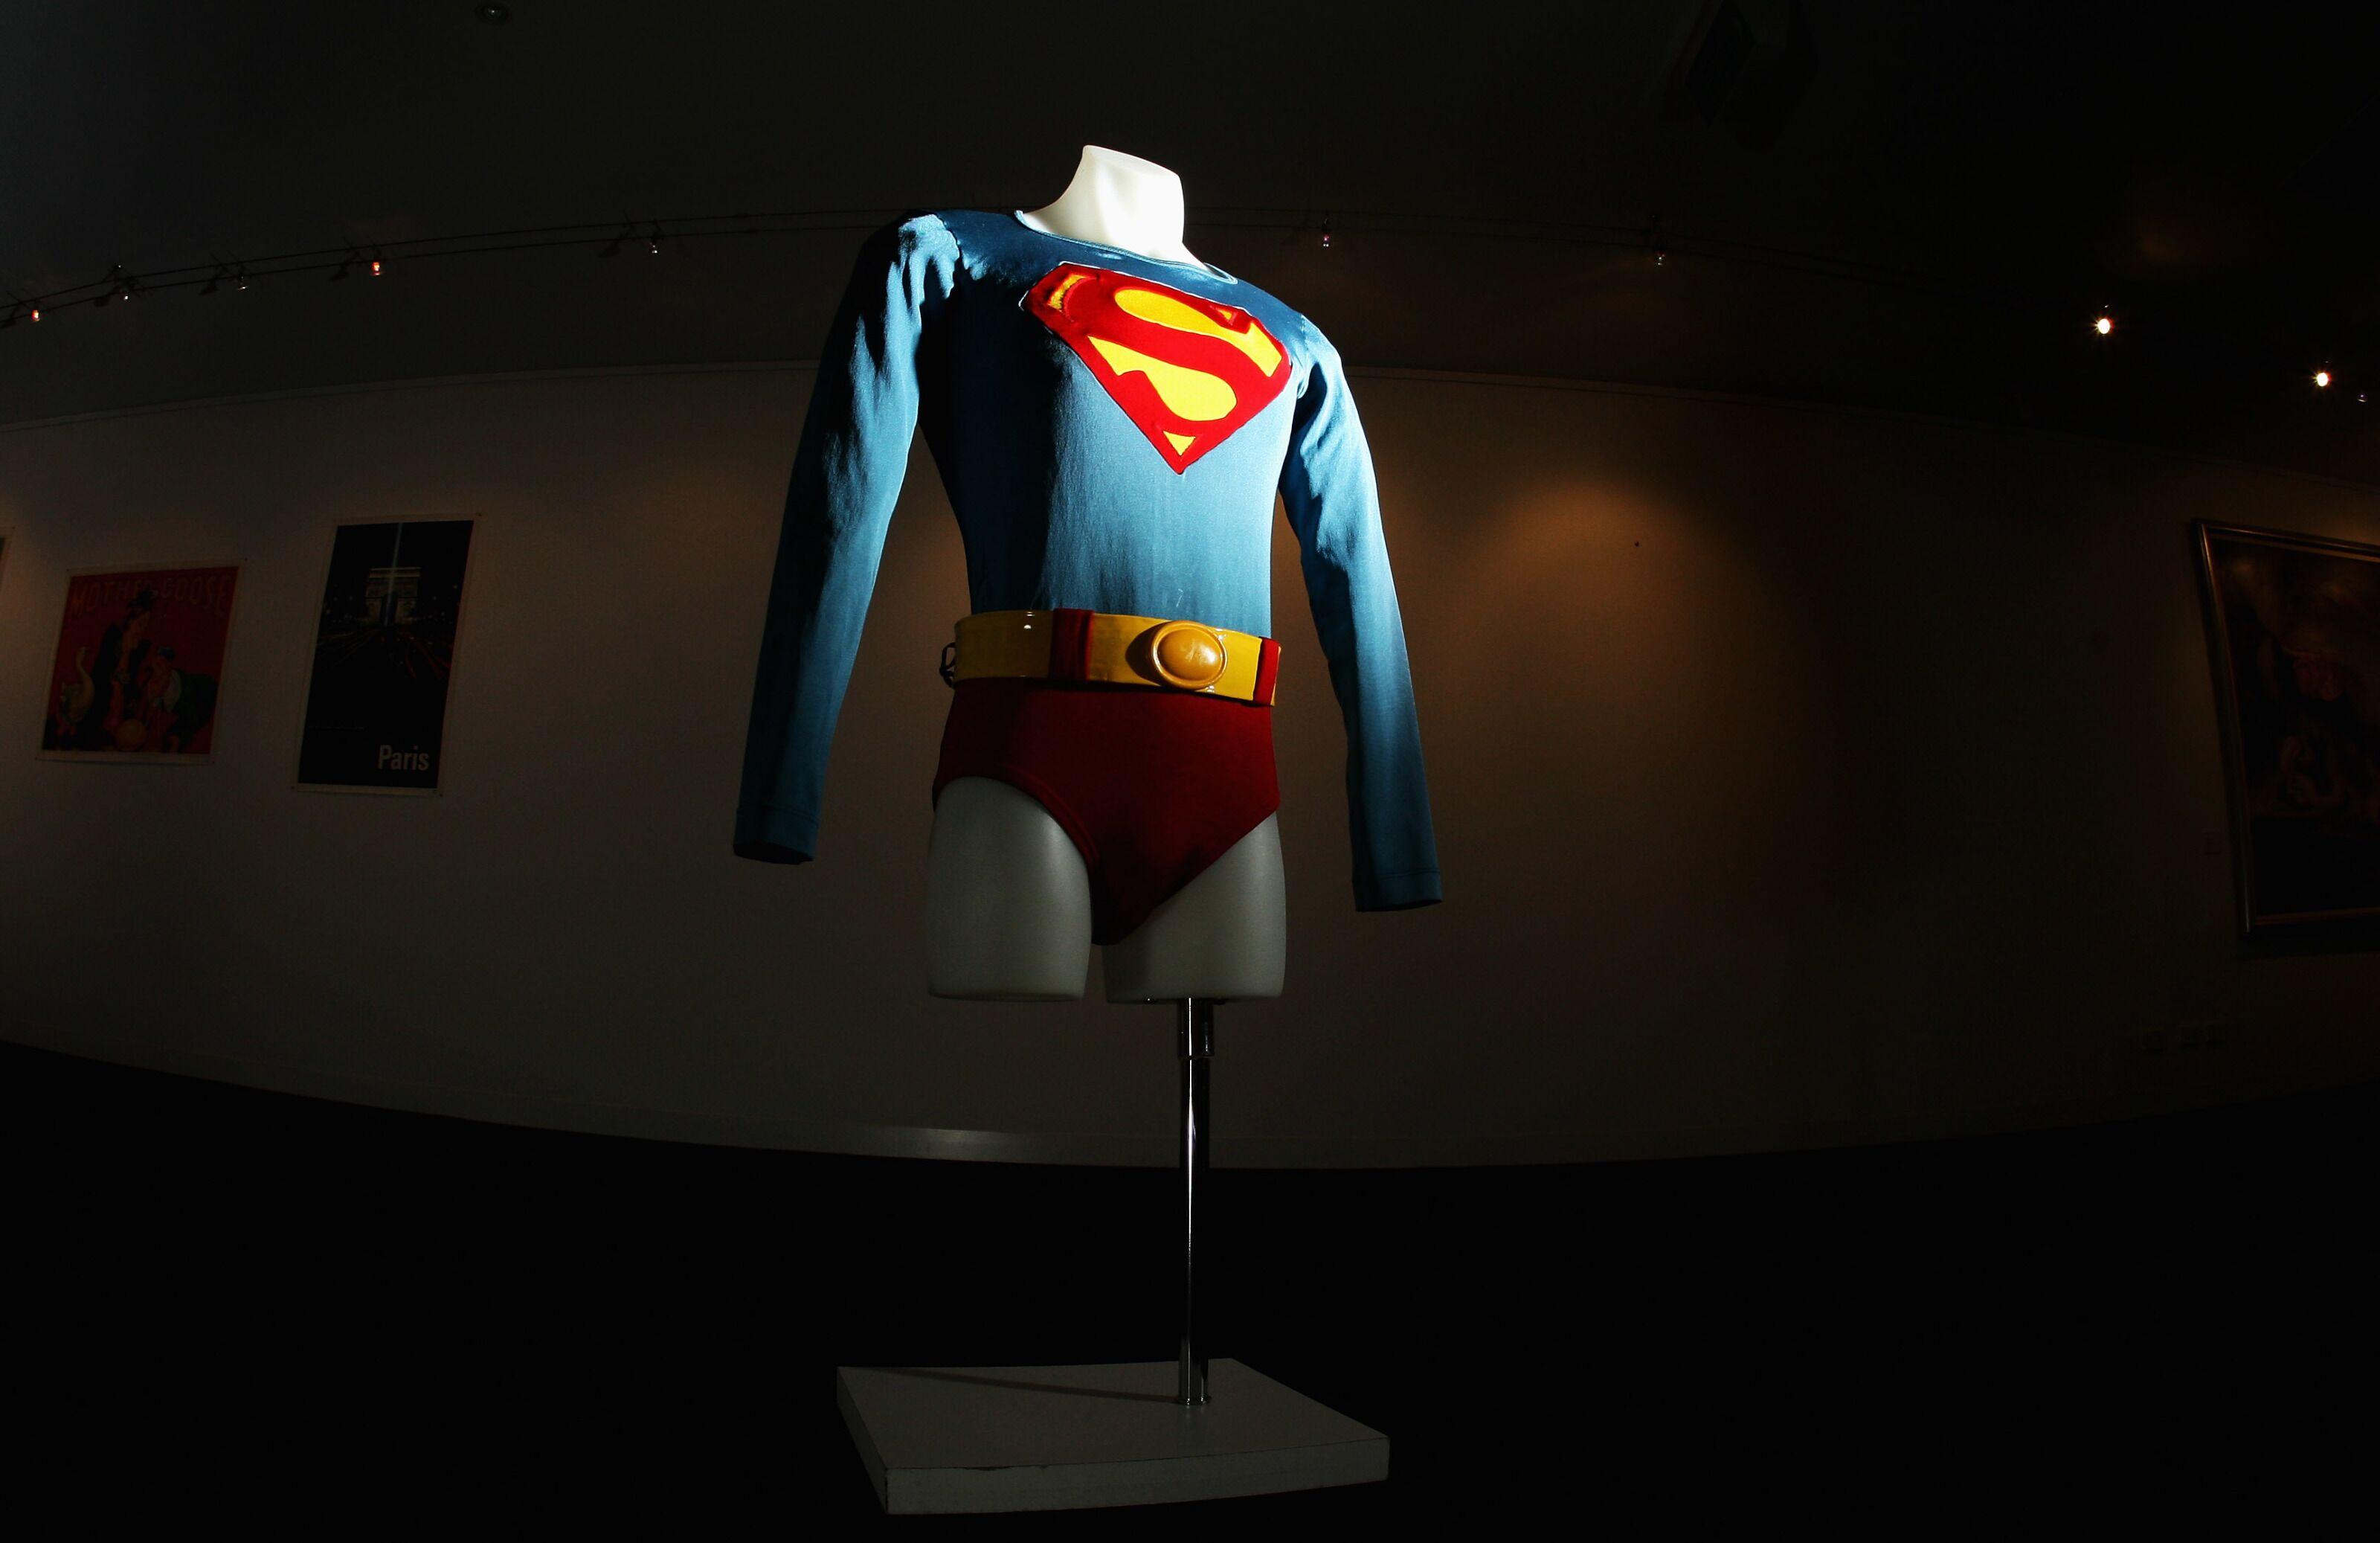 Superboy is the Golden Child in latest 'Dark Knight Returns' sequel